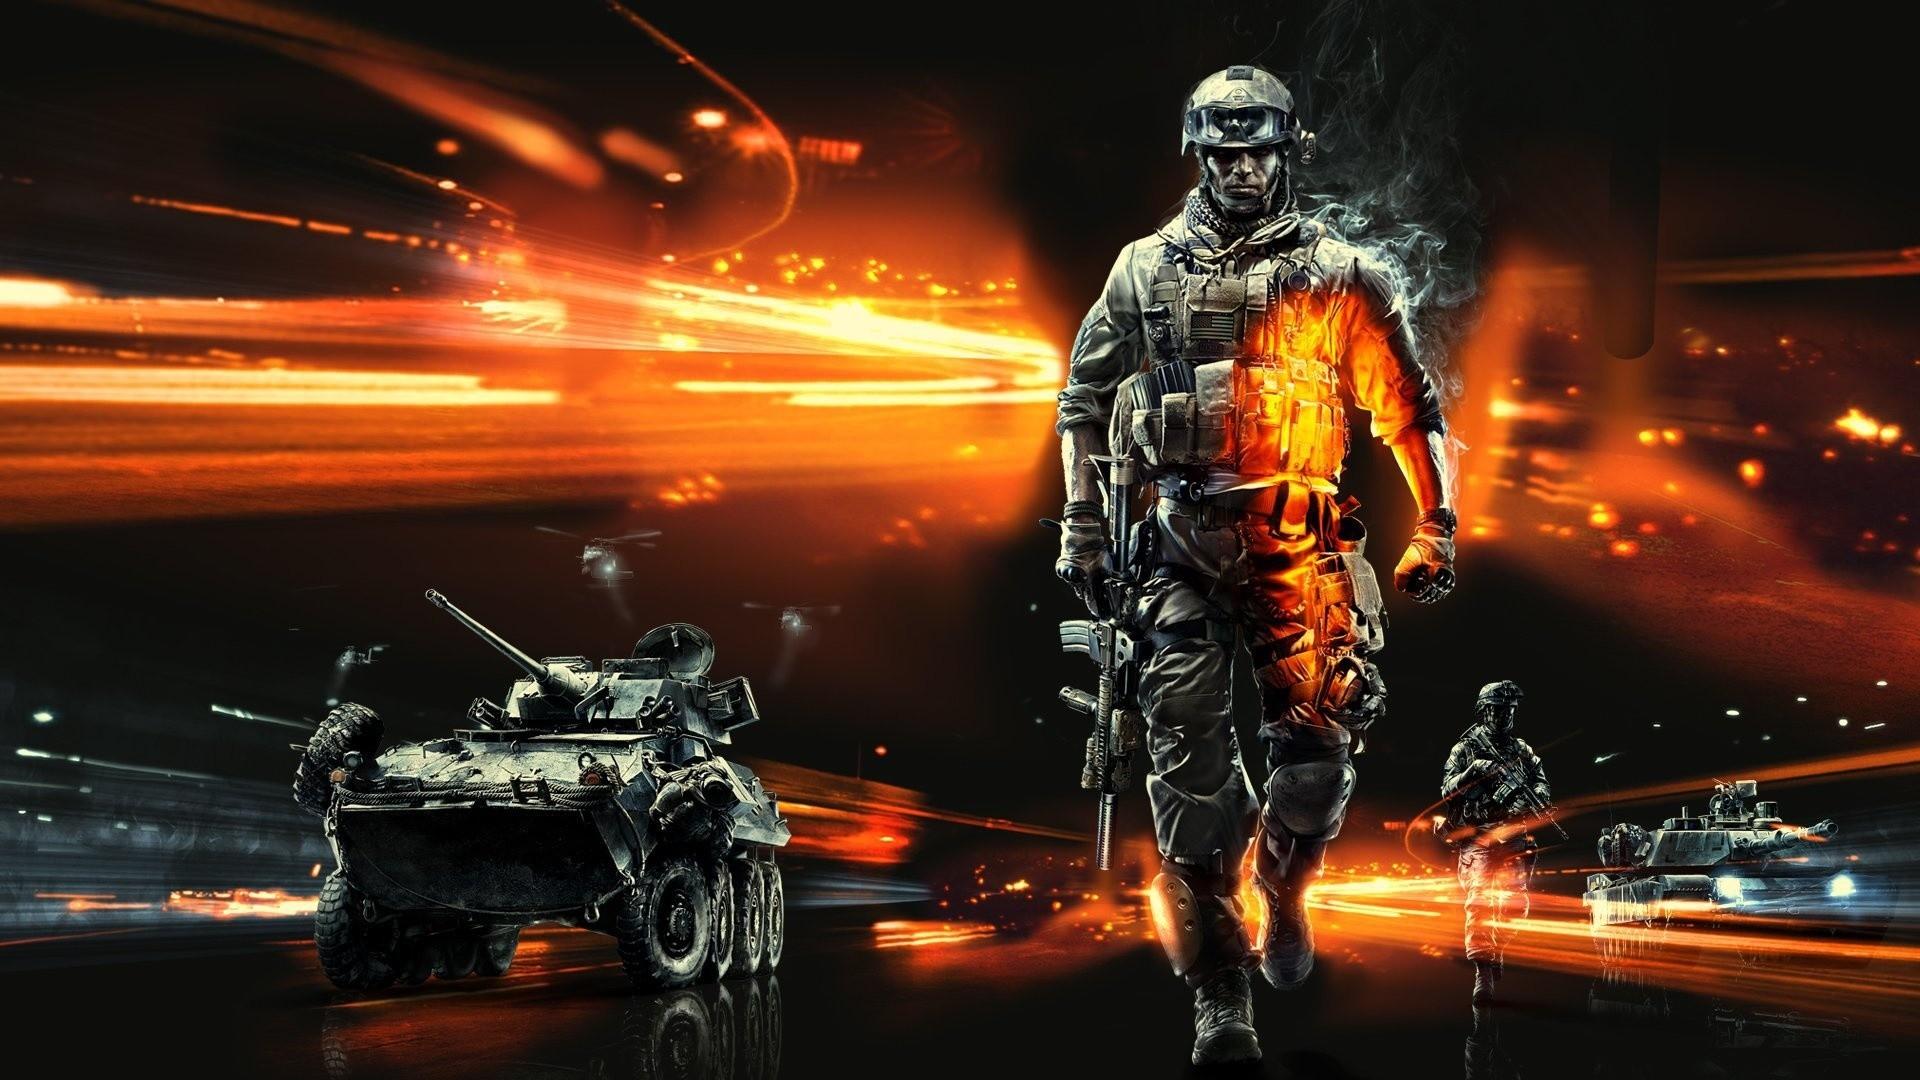 Battlefield HD desktop wallpaper : Widescreen : High Definition 1920×1080  Battlefield 4 HD Wallpapers